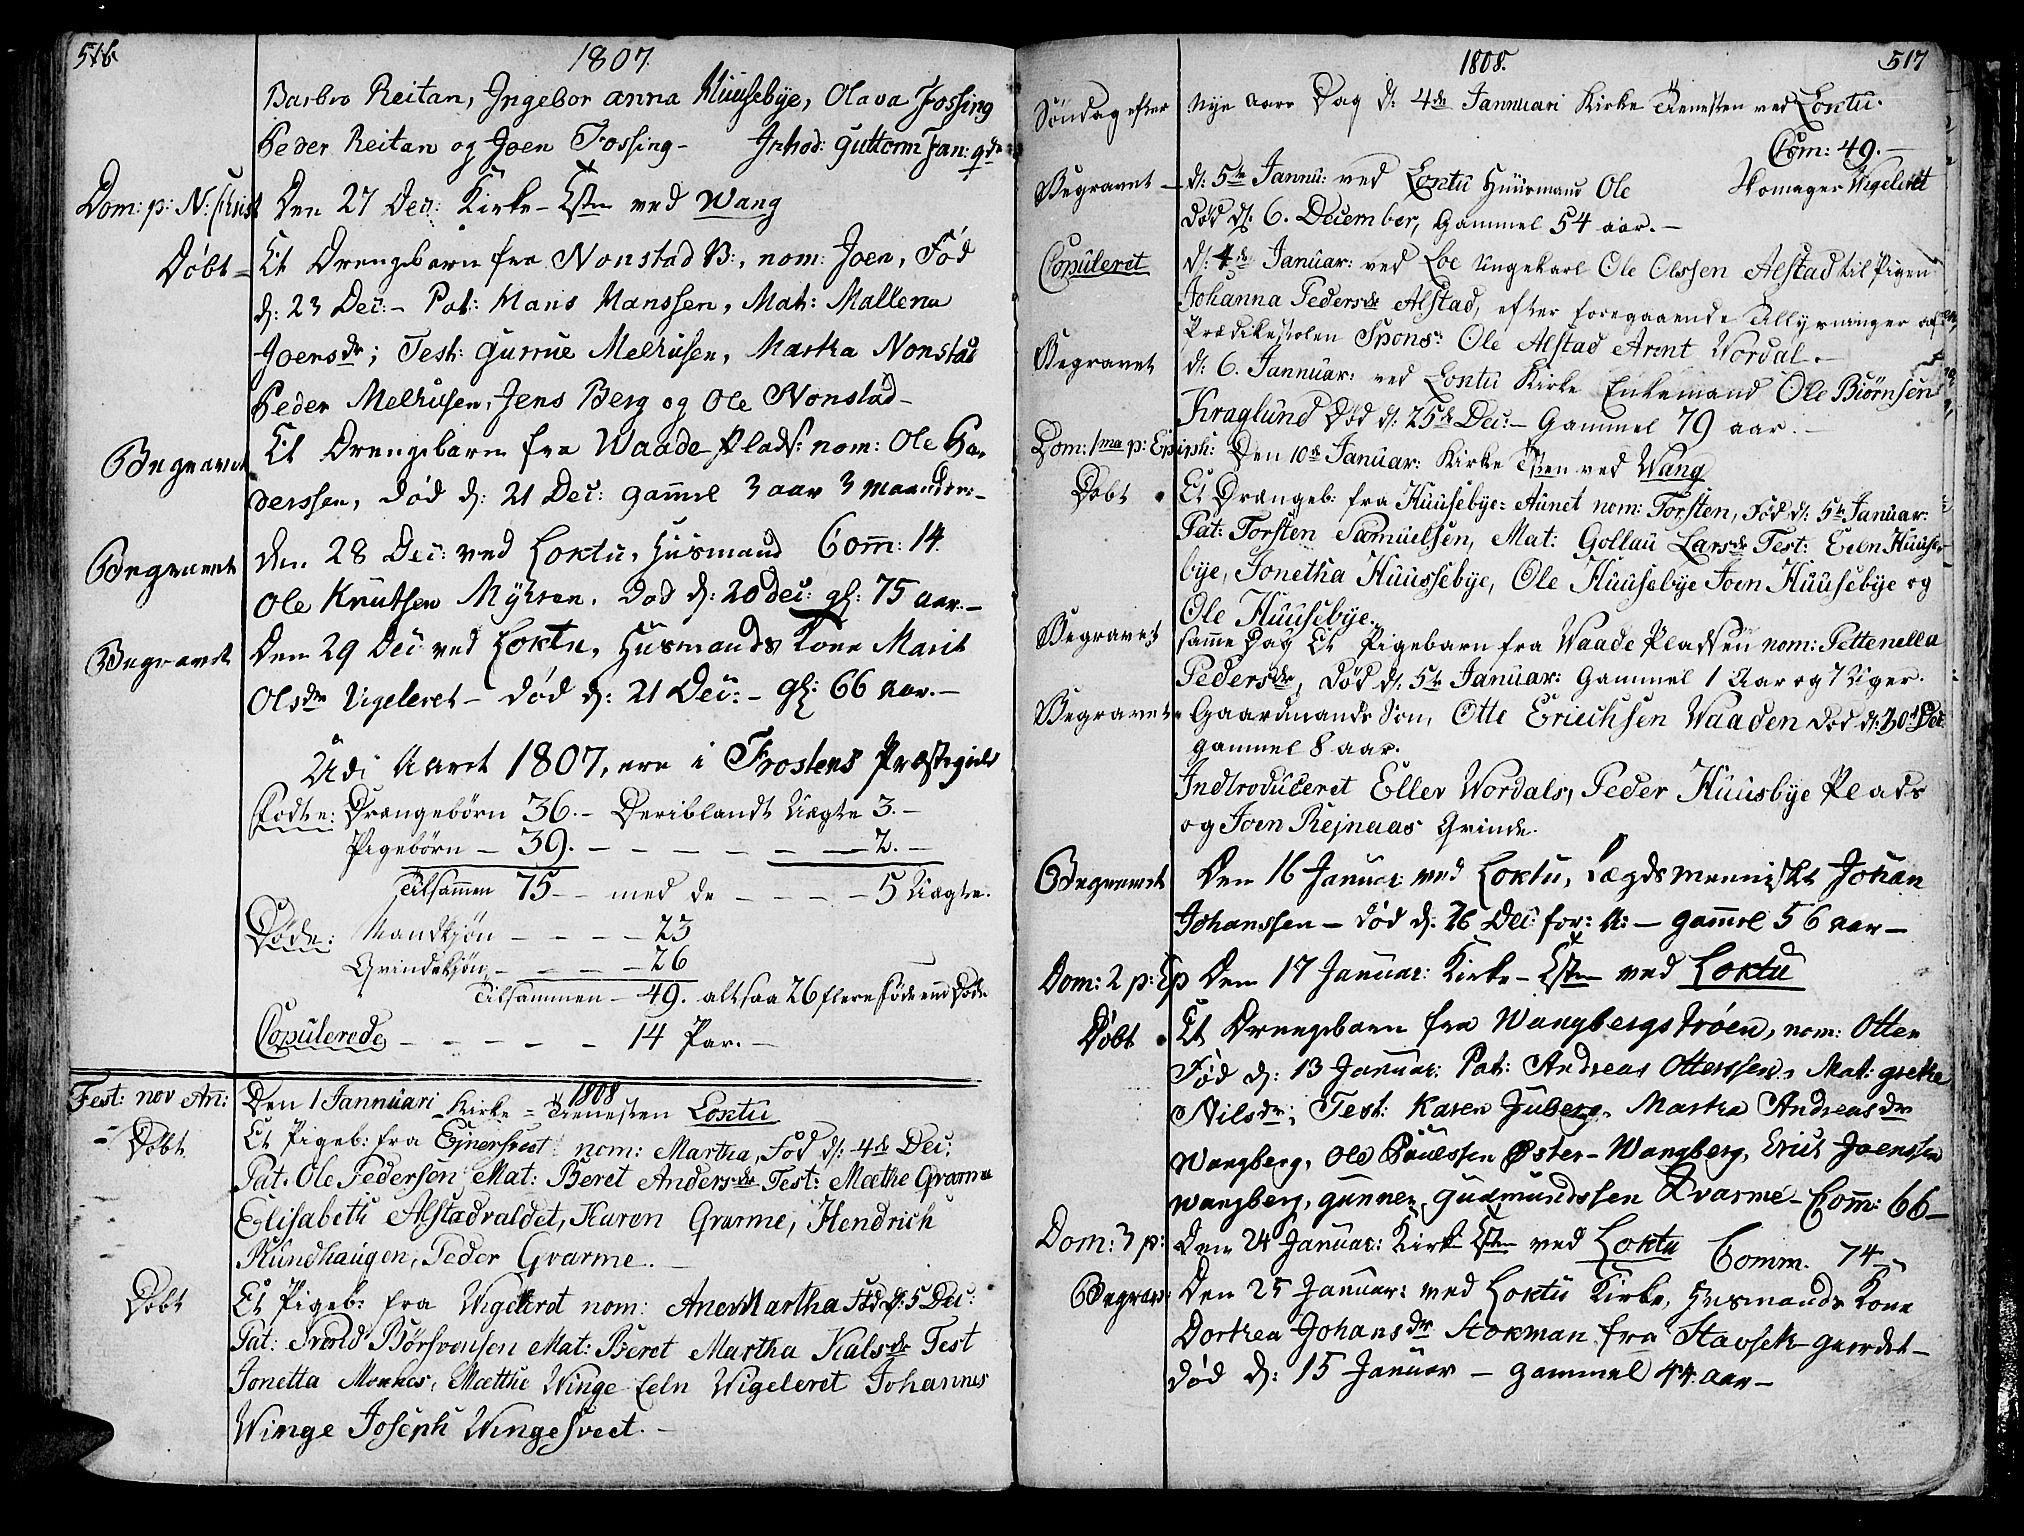 SAT, Ministerialprotokoller, klokkerbøker og fødselsregistre - Nord-Trøndelag, 713/L0110: Ministerialbok nr. 713A02, 1778-1811, s. 516-517